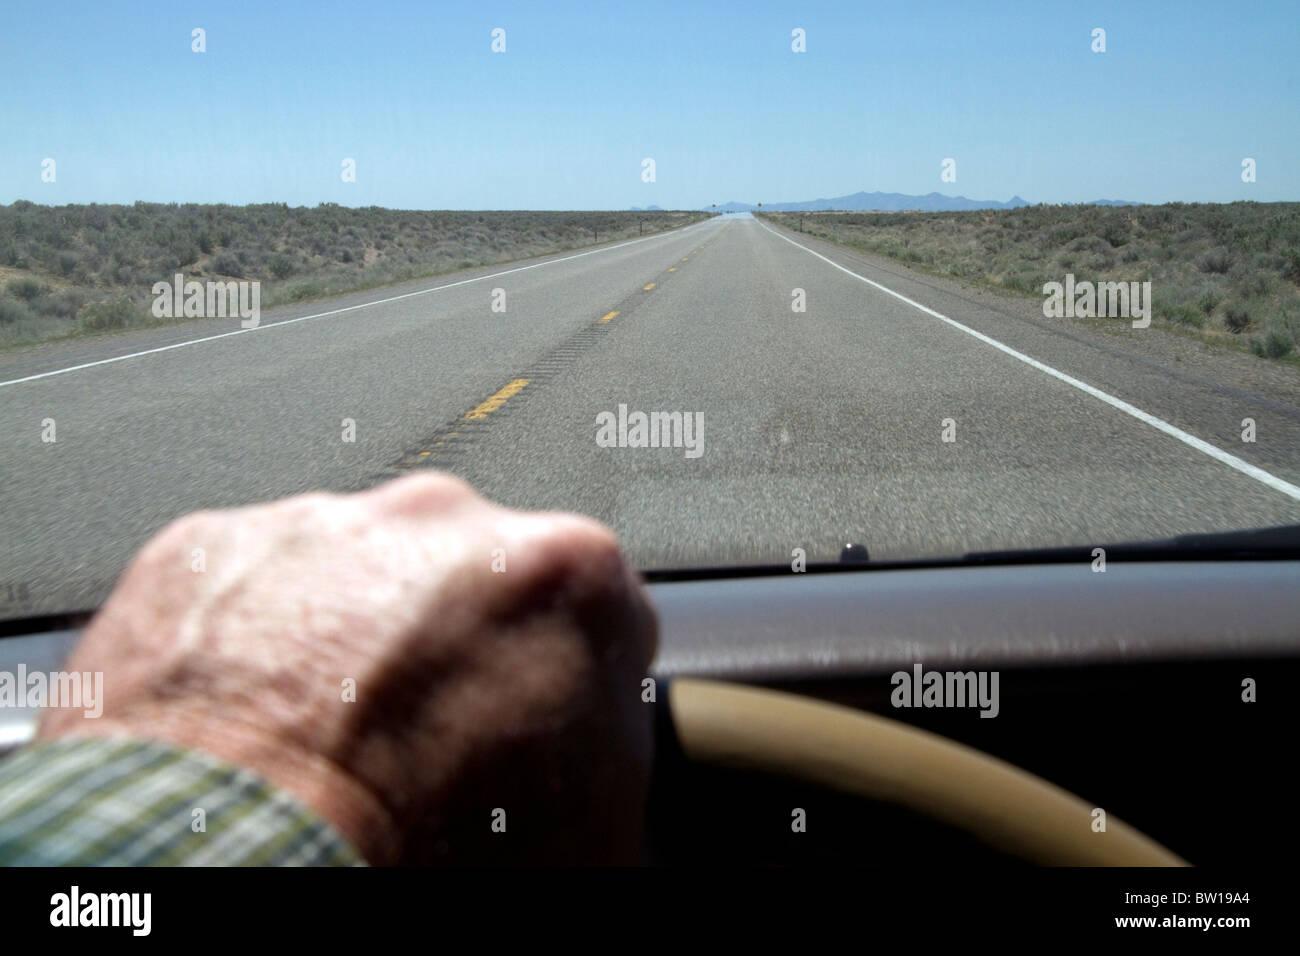 Driver mano sul volante di un automobile, Oregon, Stati Uniti d'America. Immagini Stock